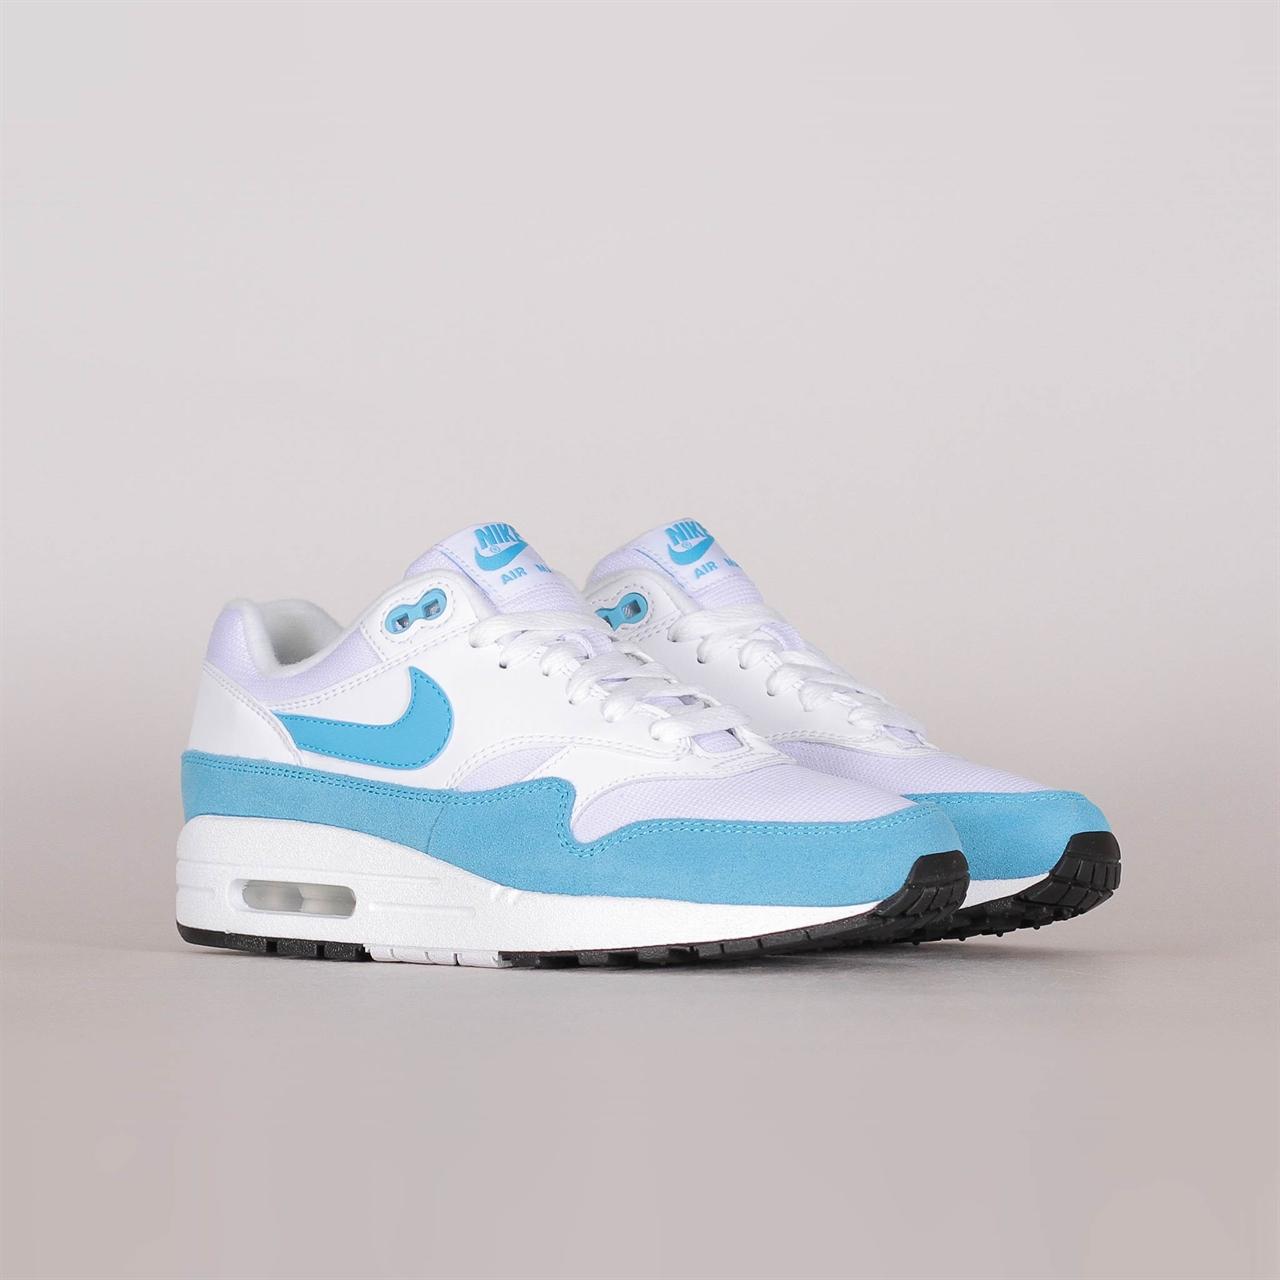 ca5658a886b Shelta - Nike Womens Air Max 1 (319986-117)